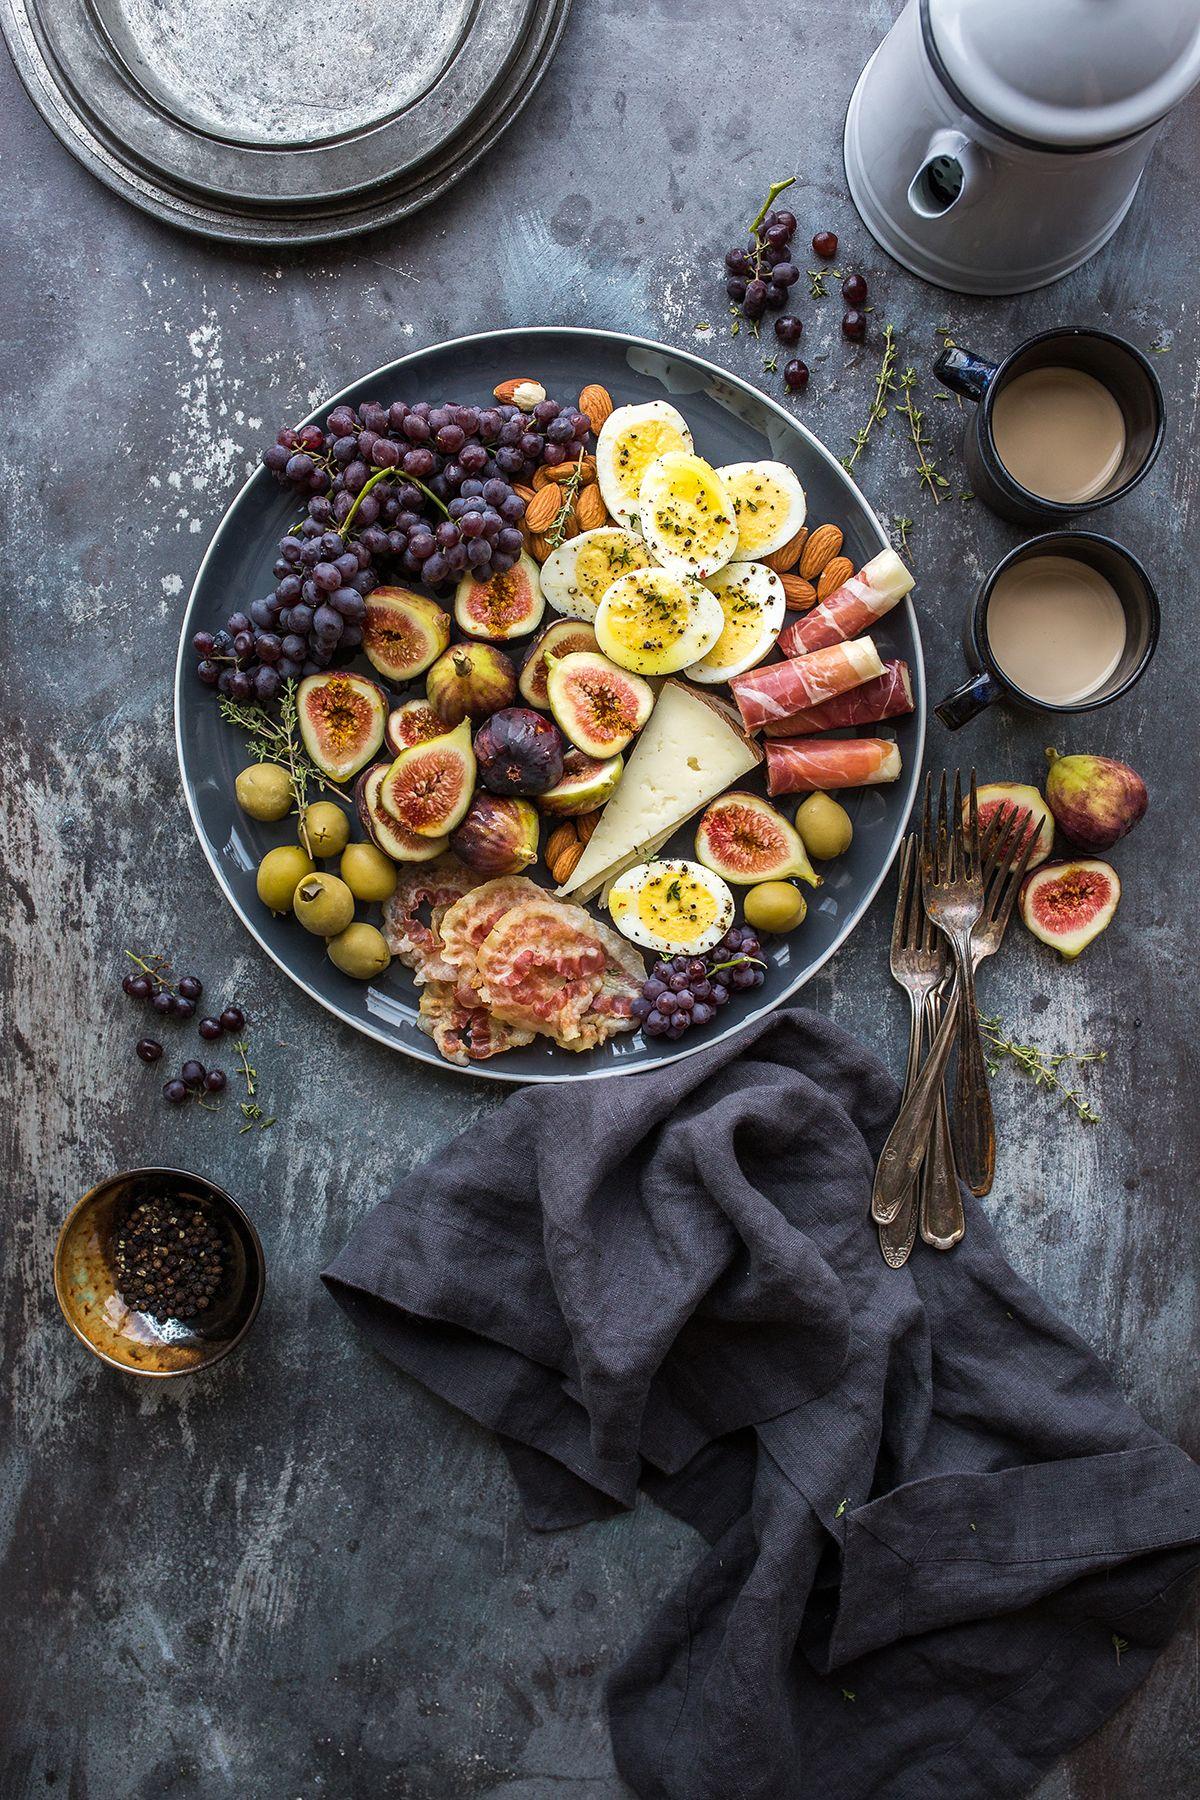 cosa posso mangiare con una dieta leggera?